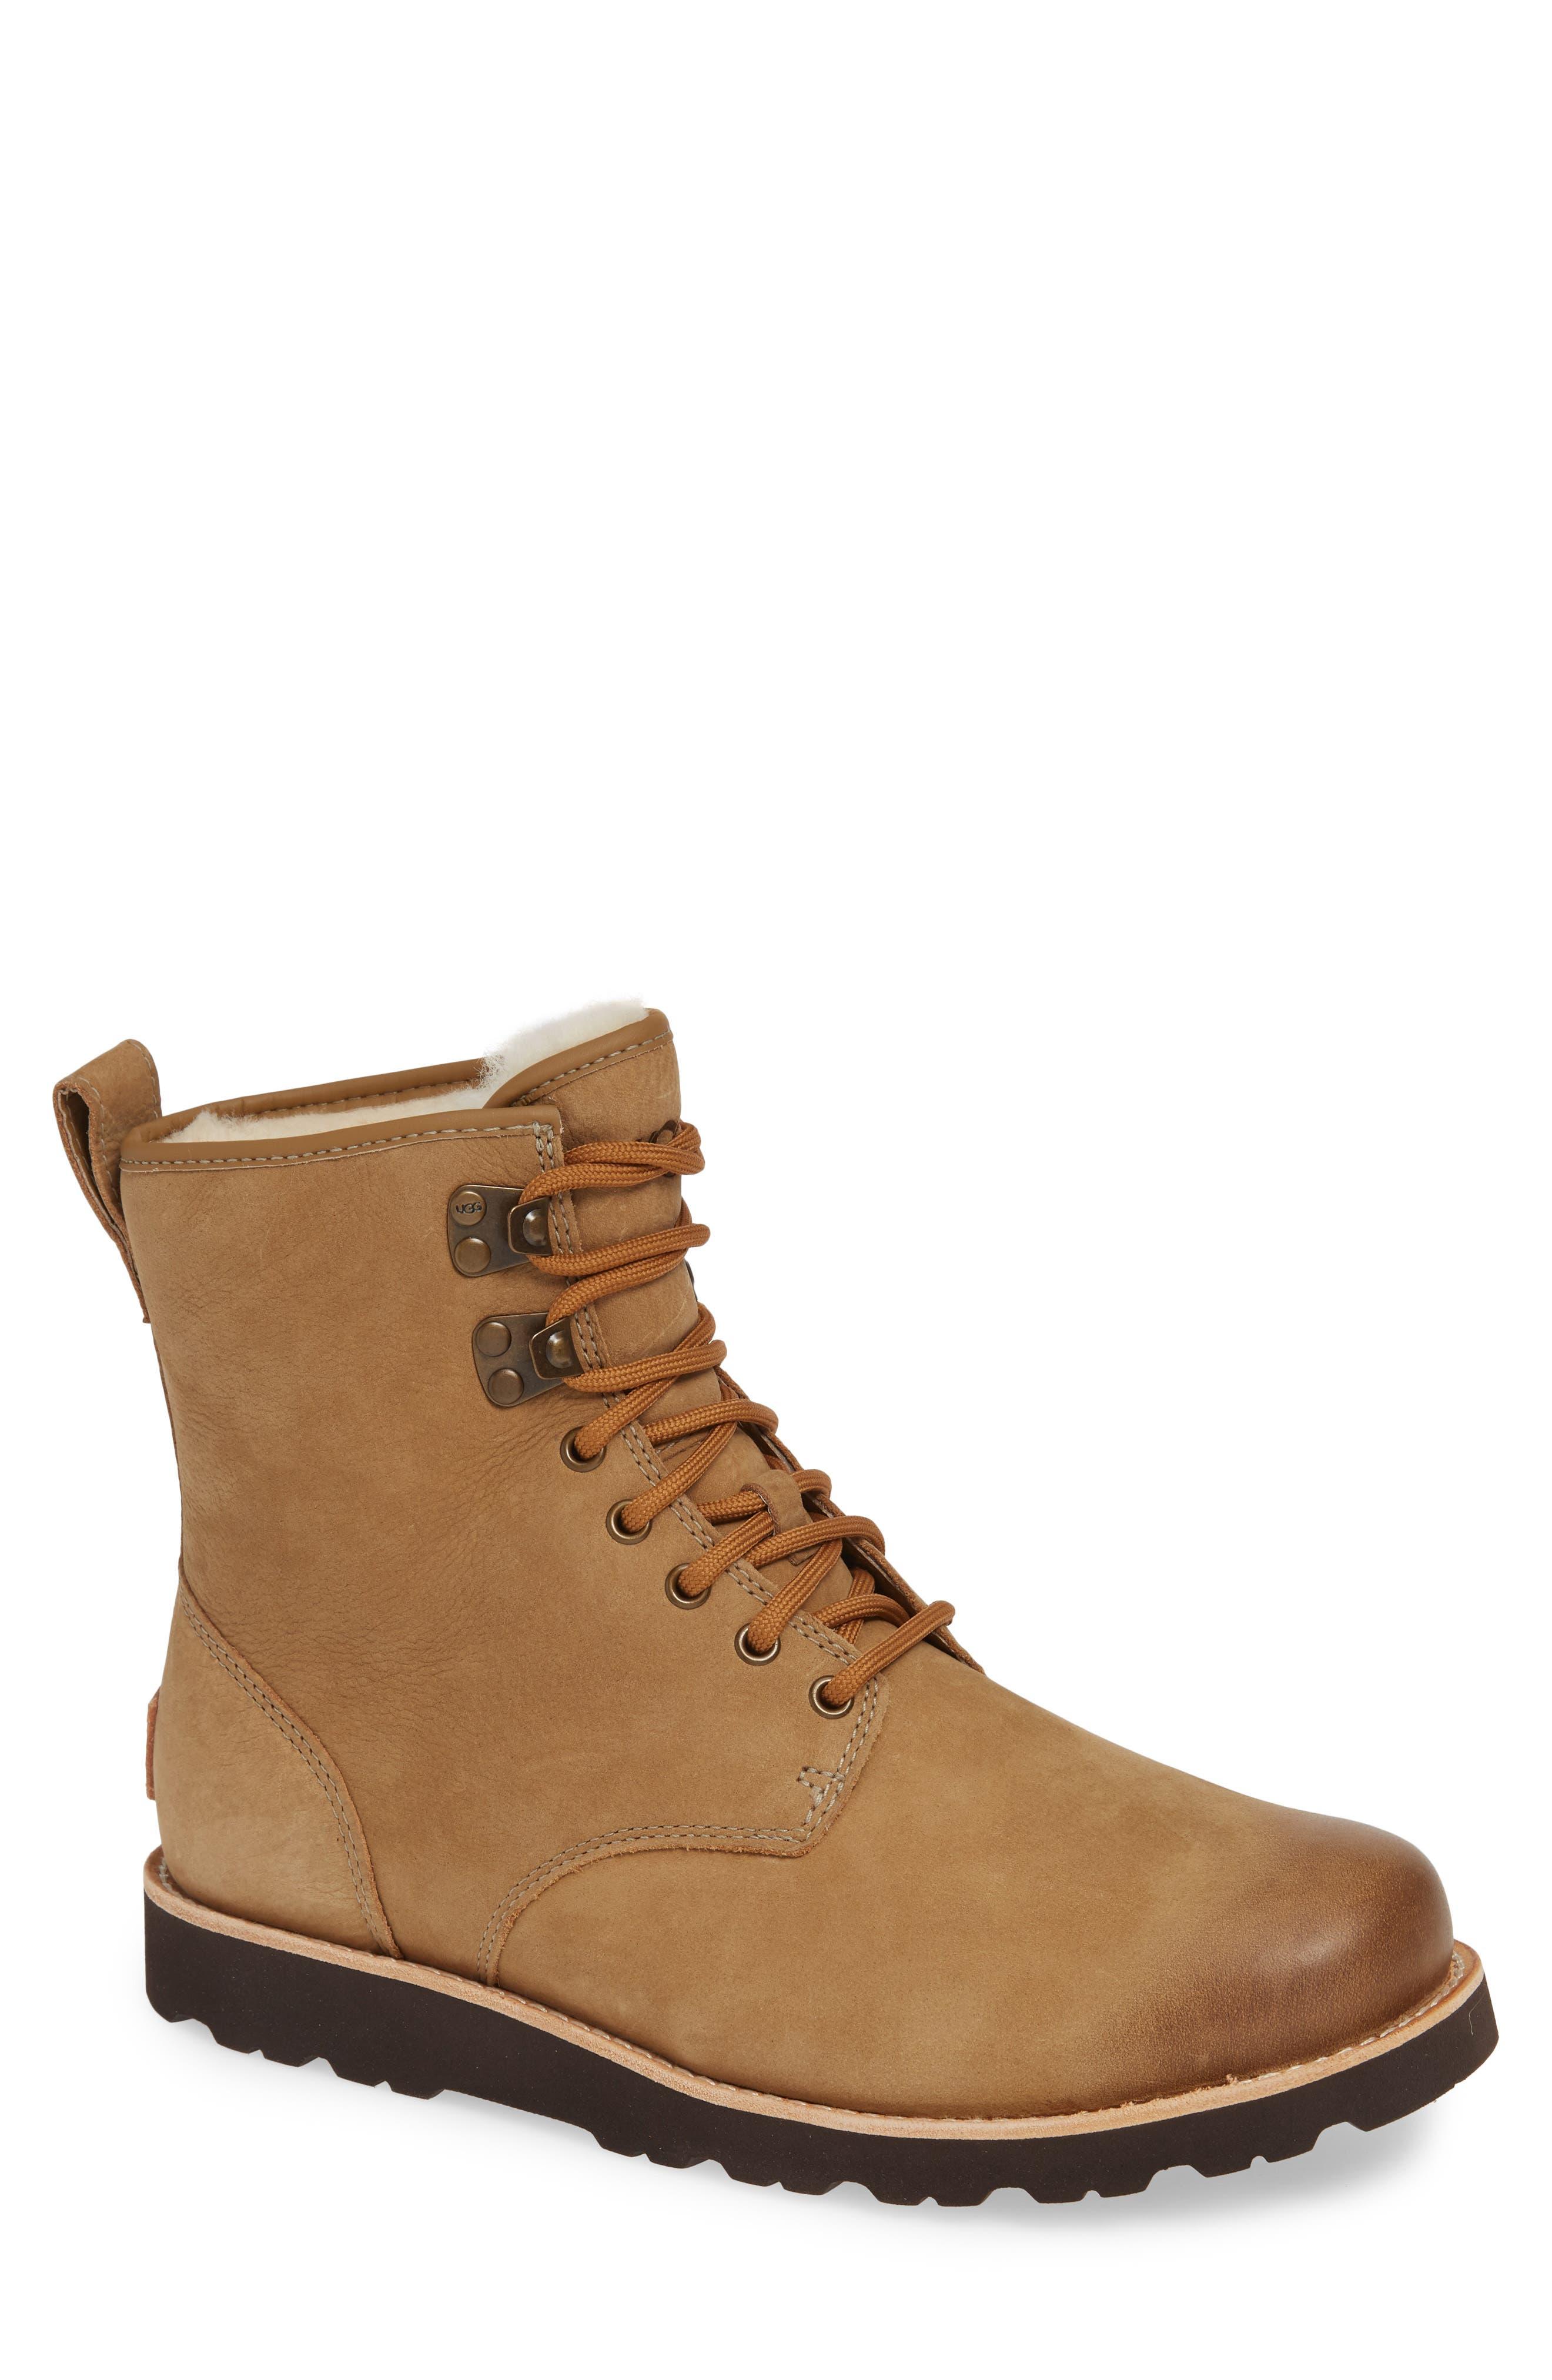 Ugg Hannen Waterproof Boot, Brown